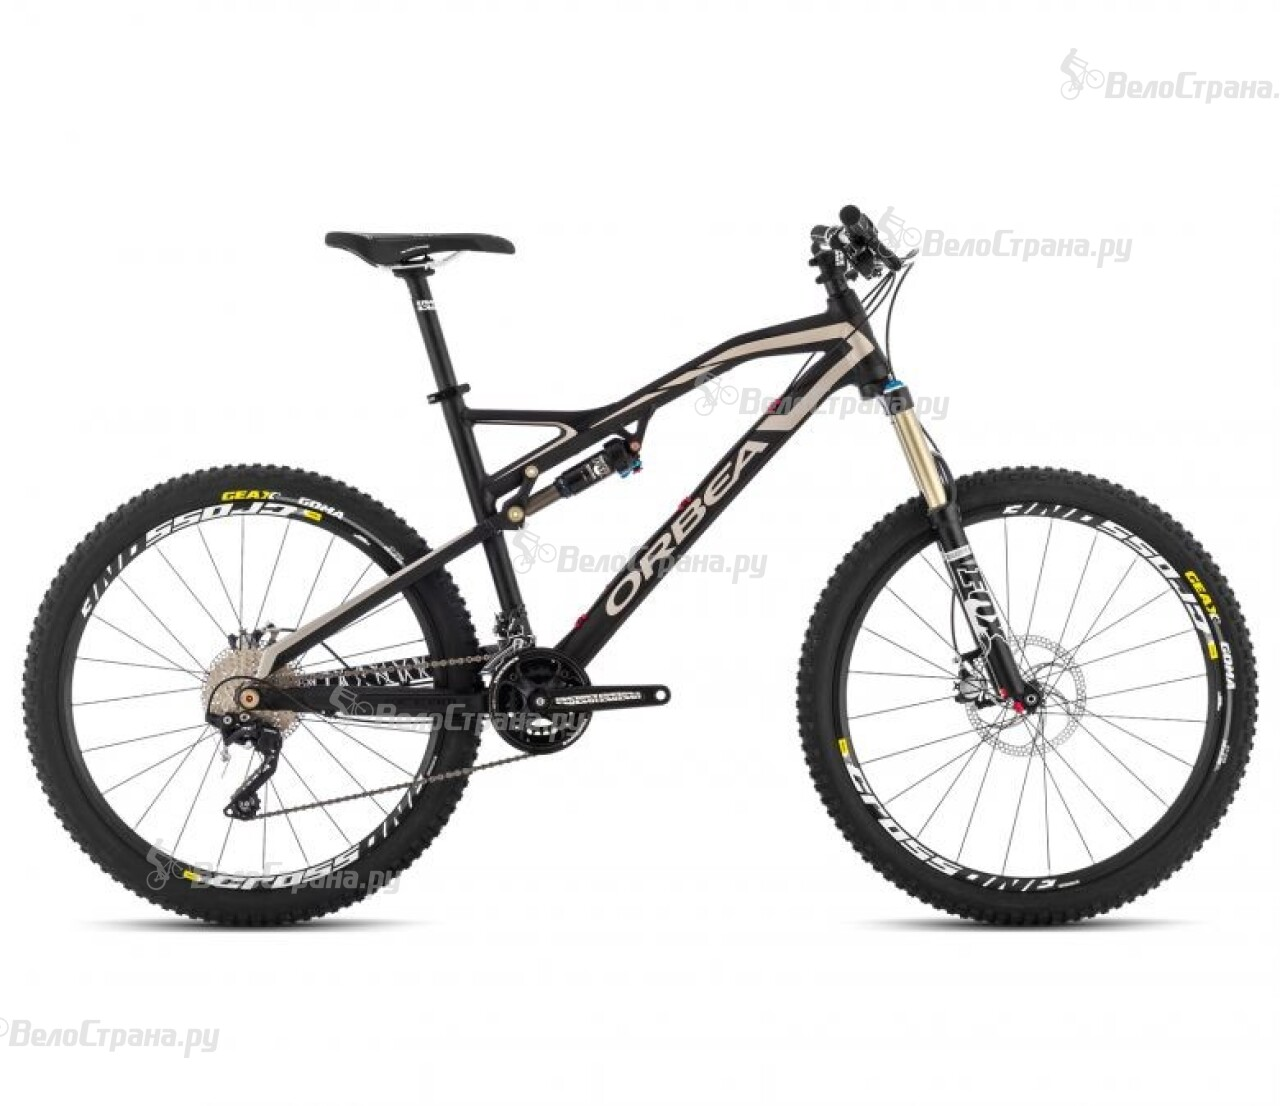 Велосипед Orbea Occam H30x (2014) велосипед orbea occam m10 2014